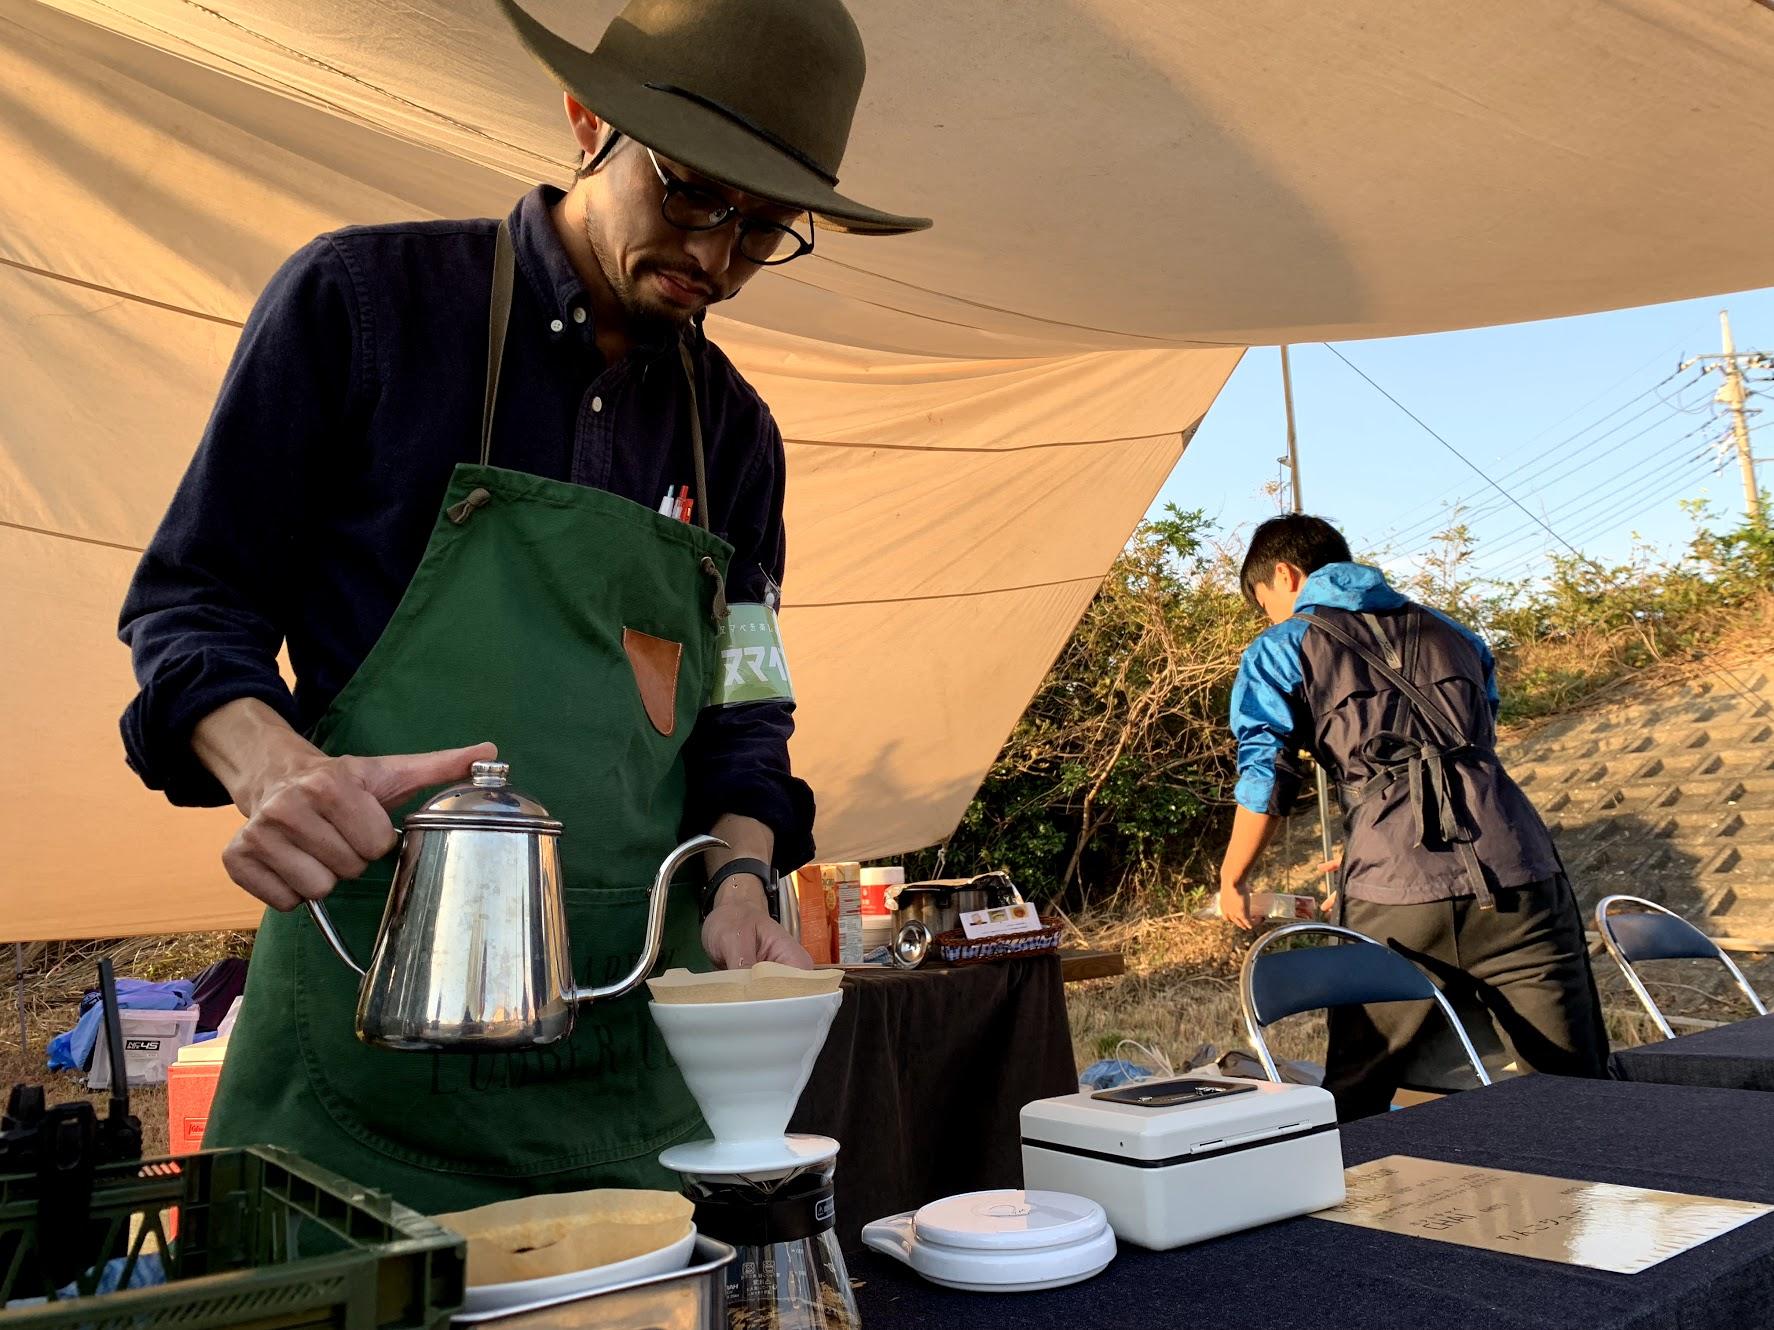 http://ud.t.u-tokyo.ac.jp/blog/_images/IMG_0231.jpg